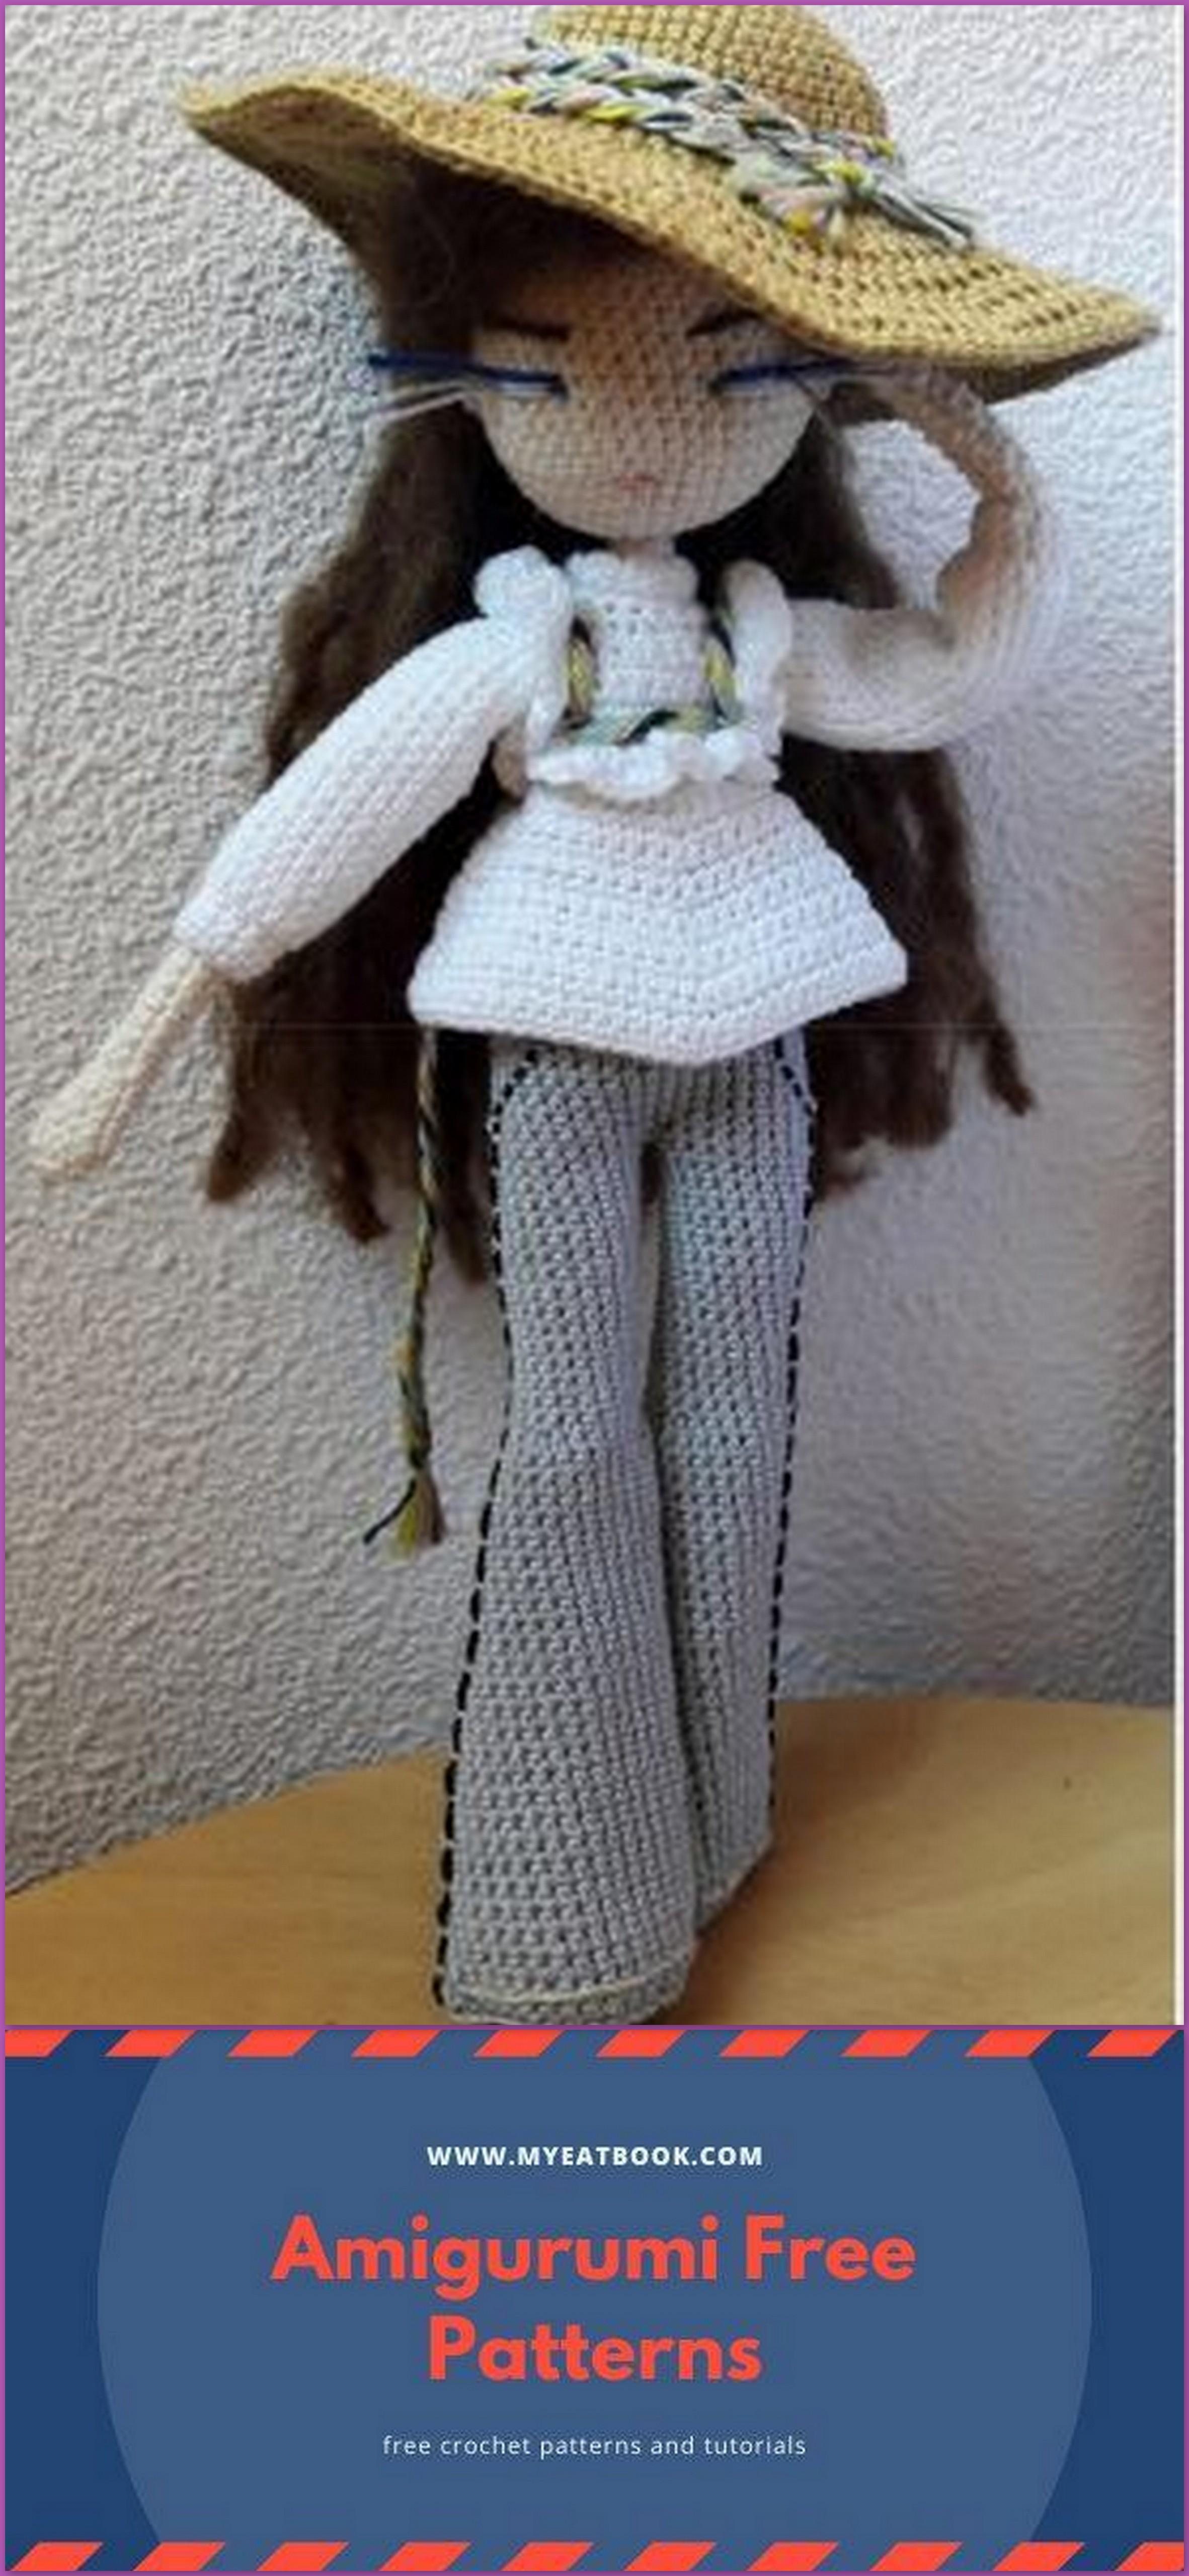 Amigurumi Doll Free Crochet Pattern - Amigurumi Free Pic2re | 5120x2363